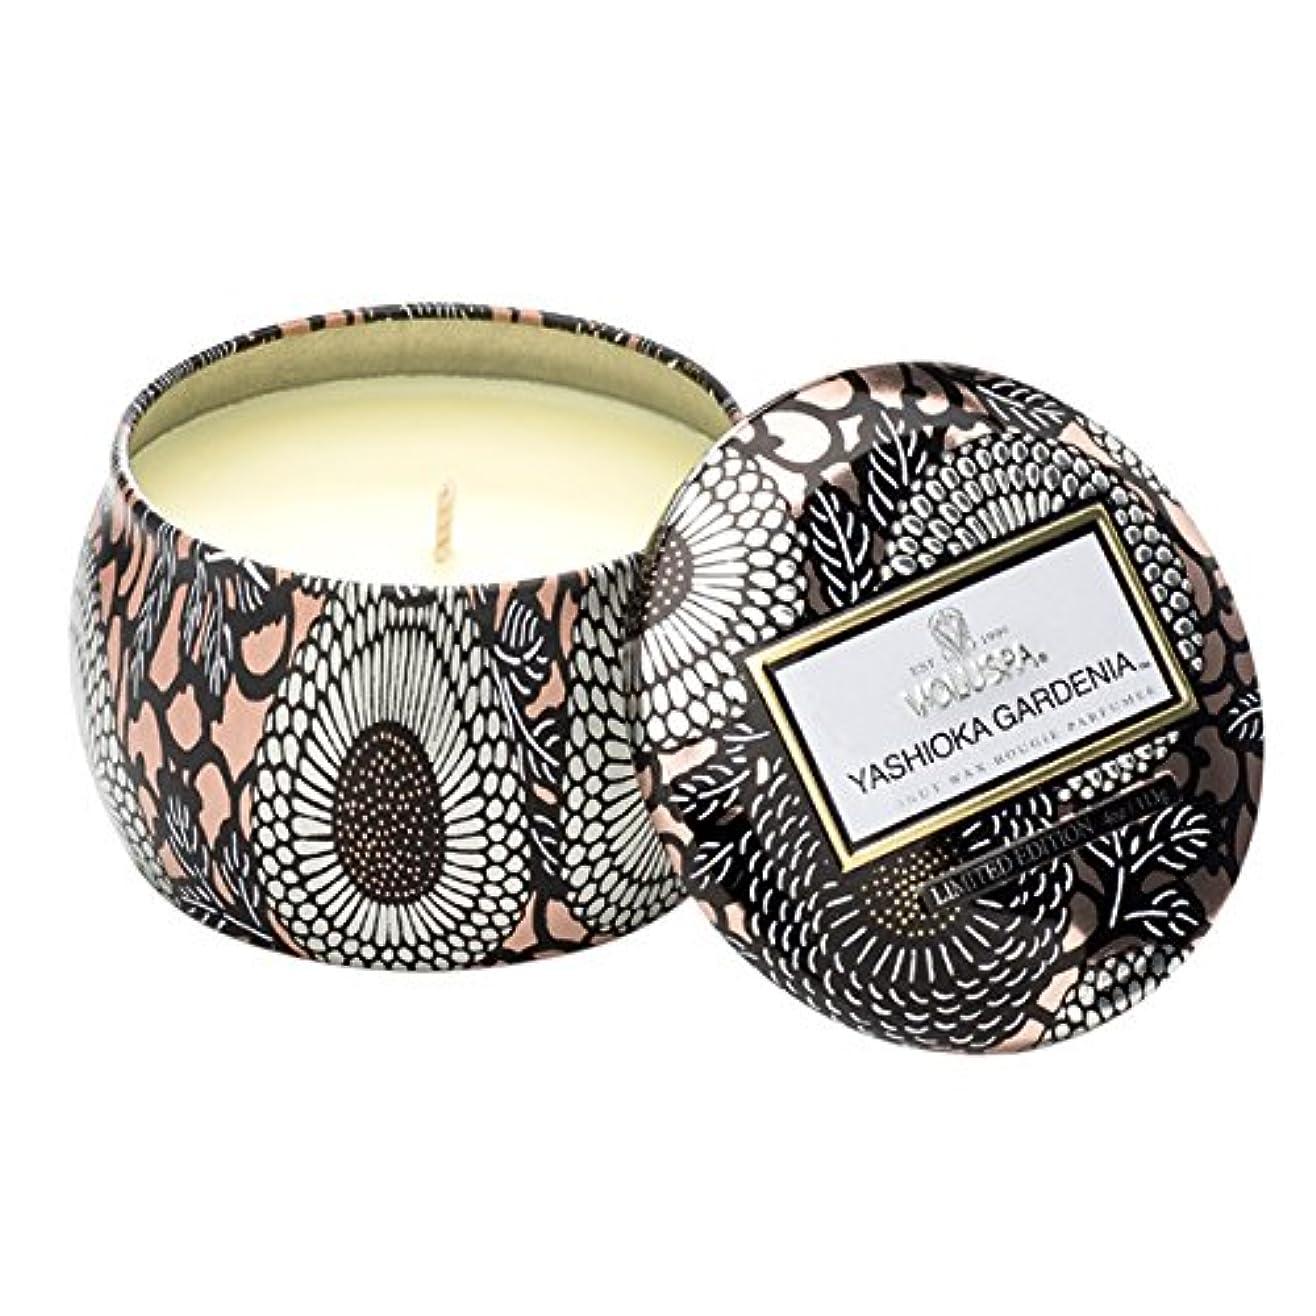 七面鳥破壊的な追放するVoluspa ボルスパ ジャポニカ リミテッド ティンキャンドル  S ヤシオカガーデニア YASHIOKA GARDENIA JAPONICA Limited PETITE Tin Glass Candle